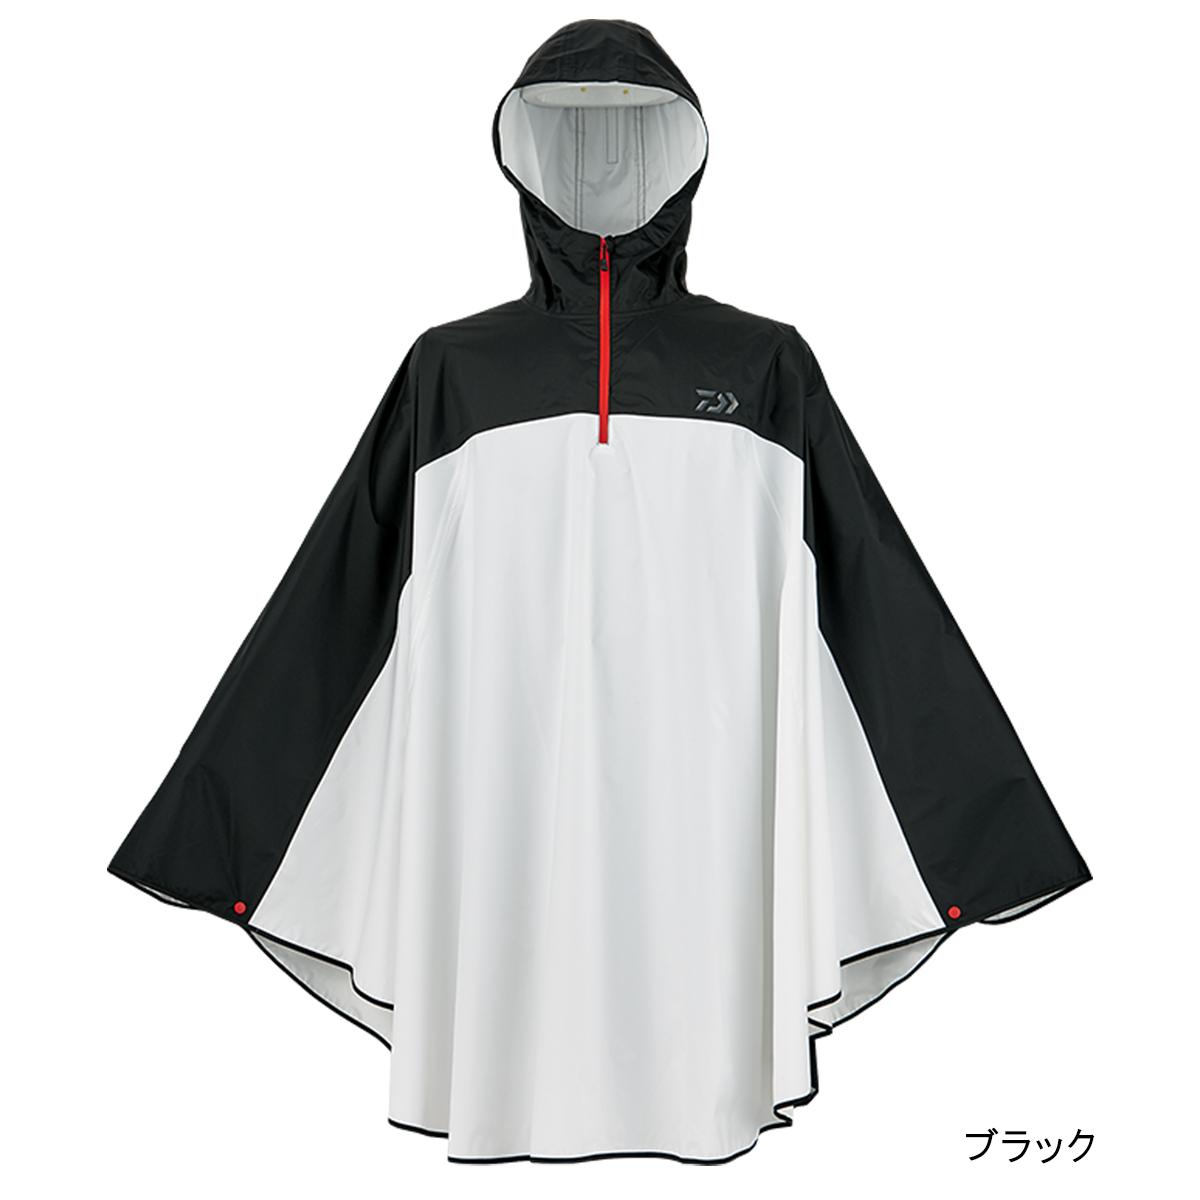 ダイワ レインマックス フィッシングポンチョ DR-52008 Lフリー ブラック(東日本店)